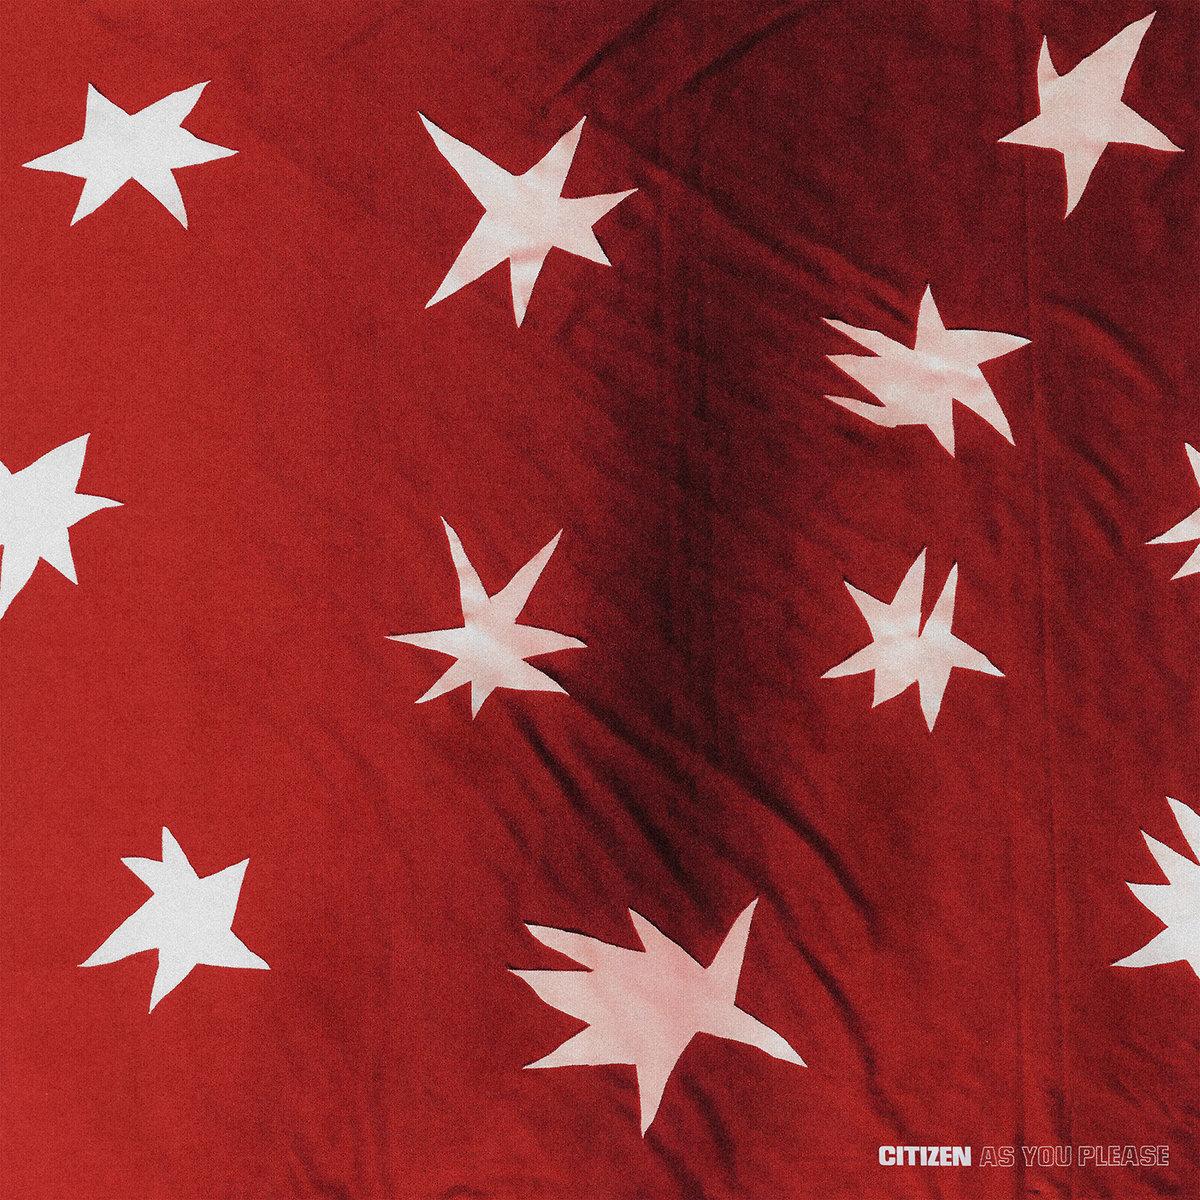 Citizen - As You Please LP